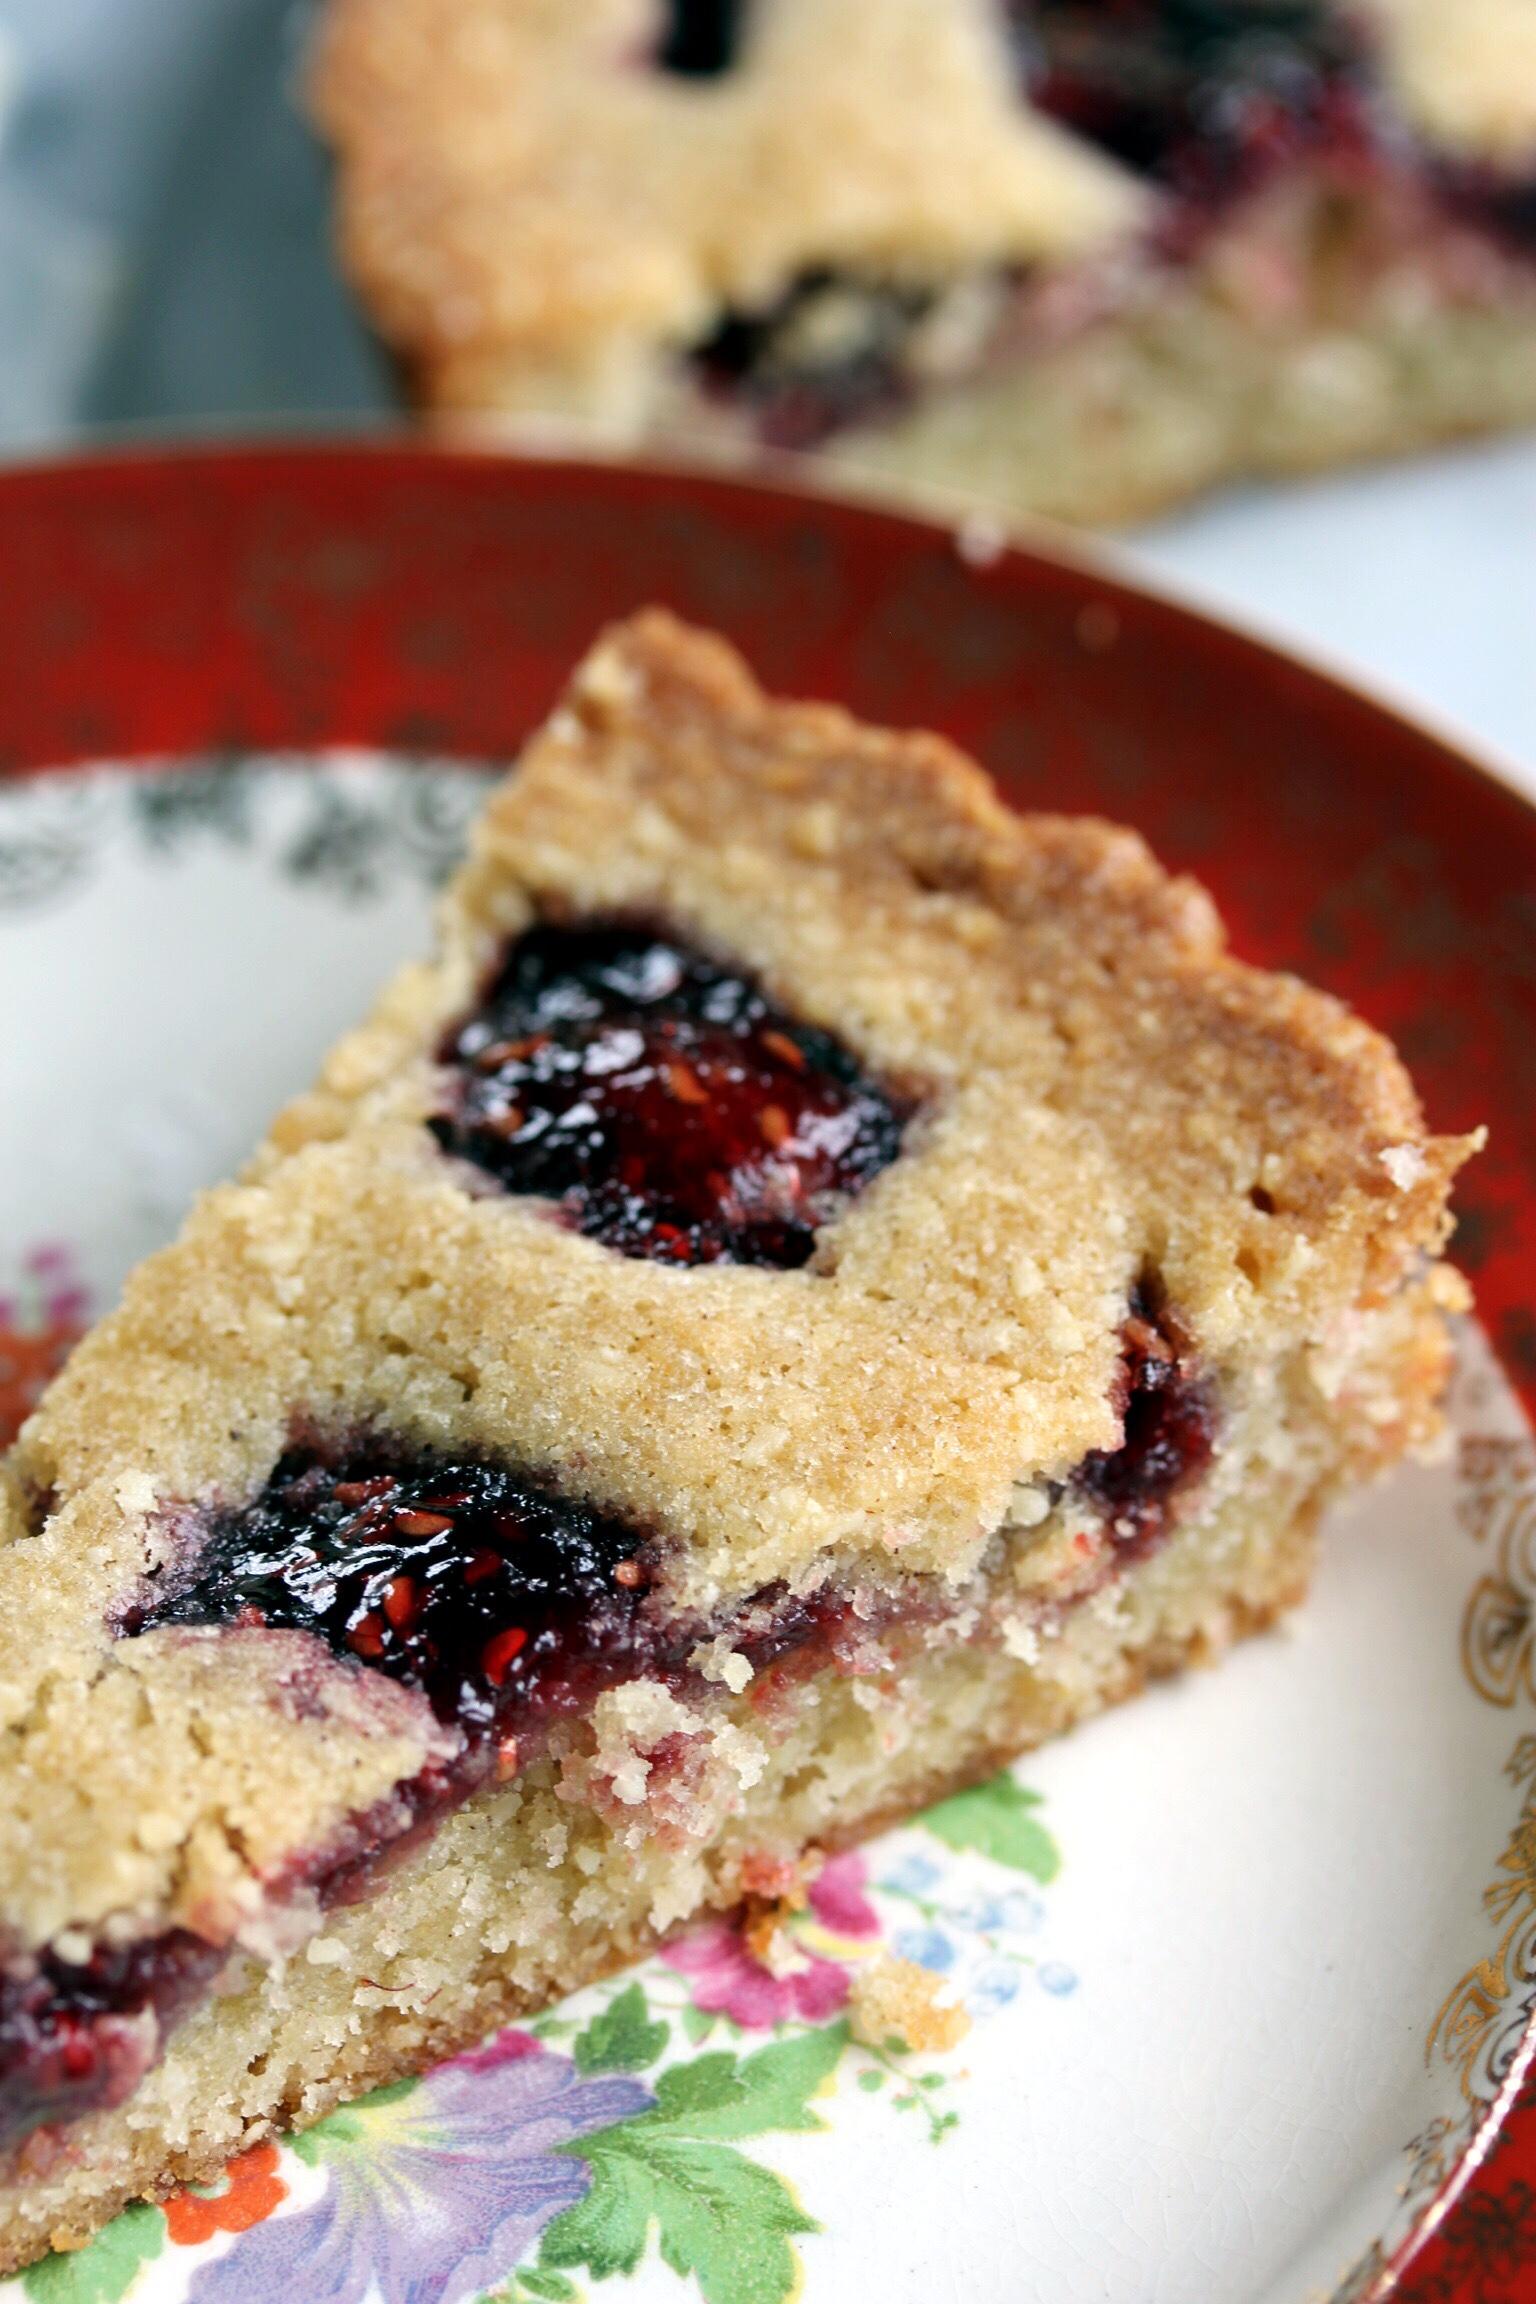 Raspberry linzer torte - The Pastiche